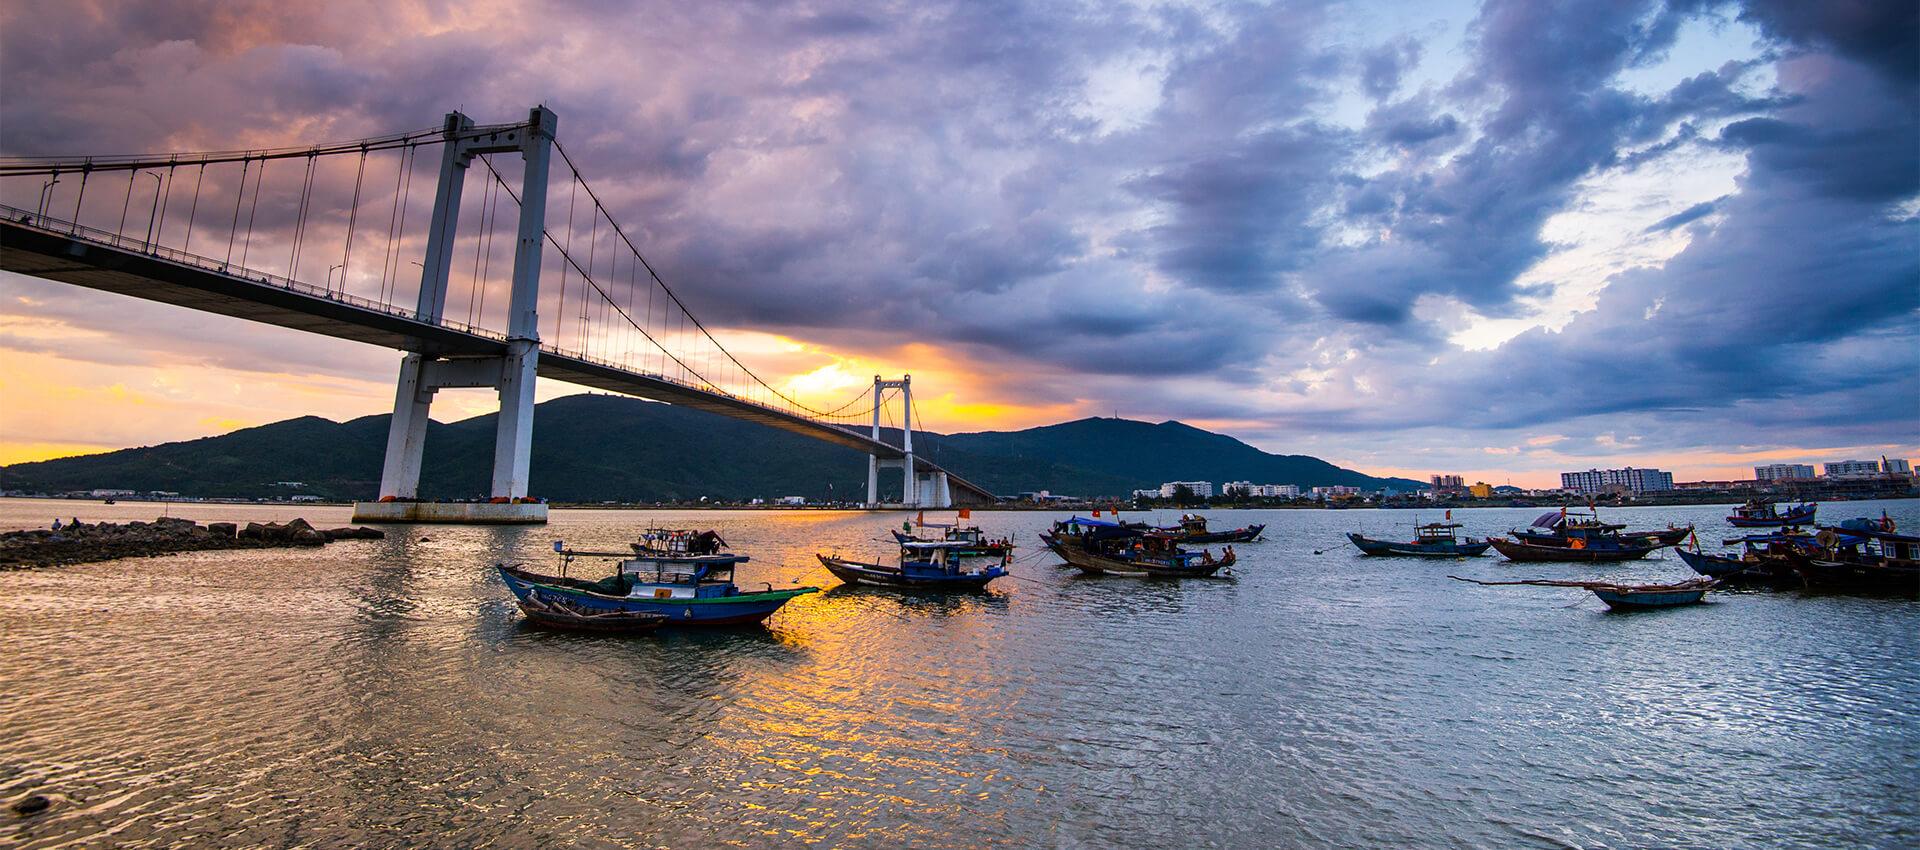 The Mekong Delta, Saigon to Angkor